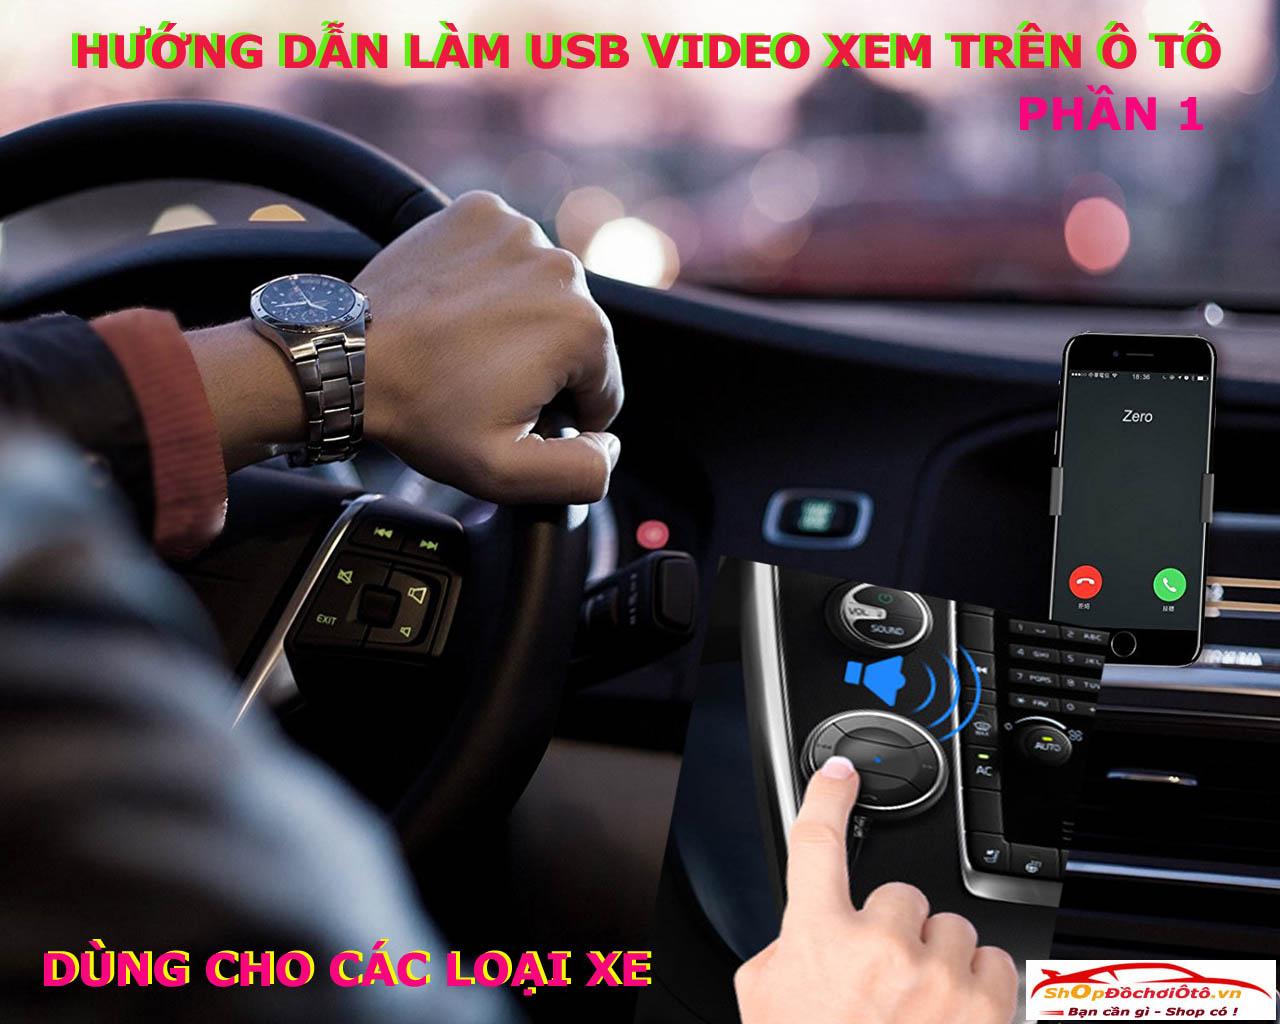 Hướng dẫn làm usb video ô tô, video hướng dẫn làm usb, làm usb ô tô, hướng dẫn chuyển đổi video ô tô